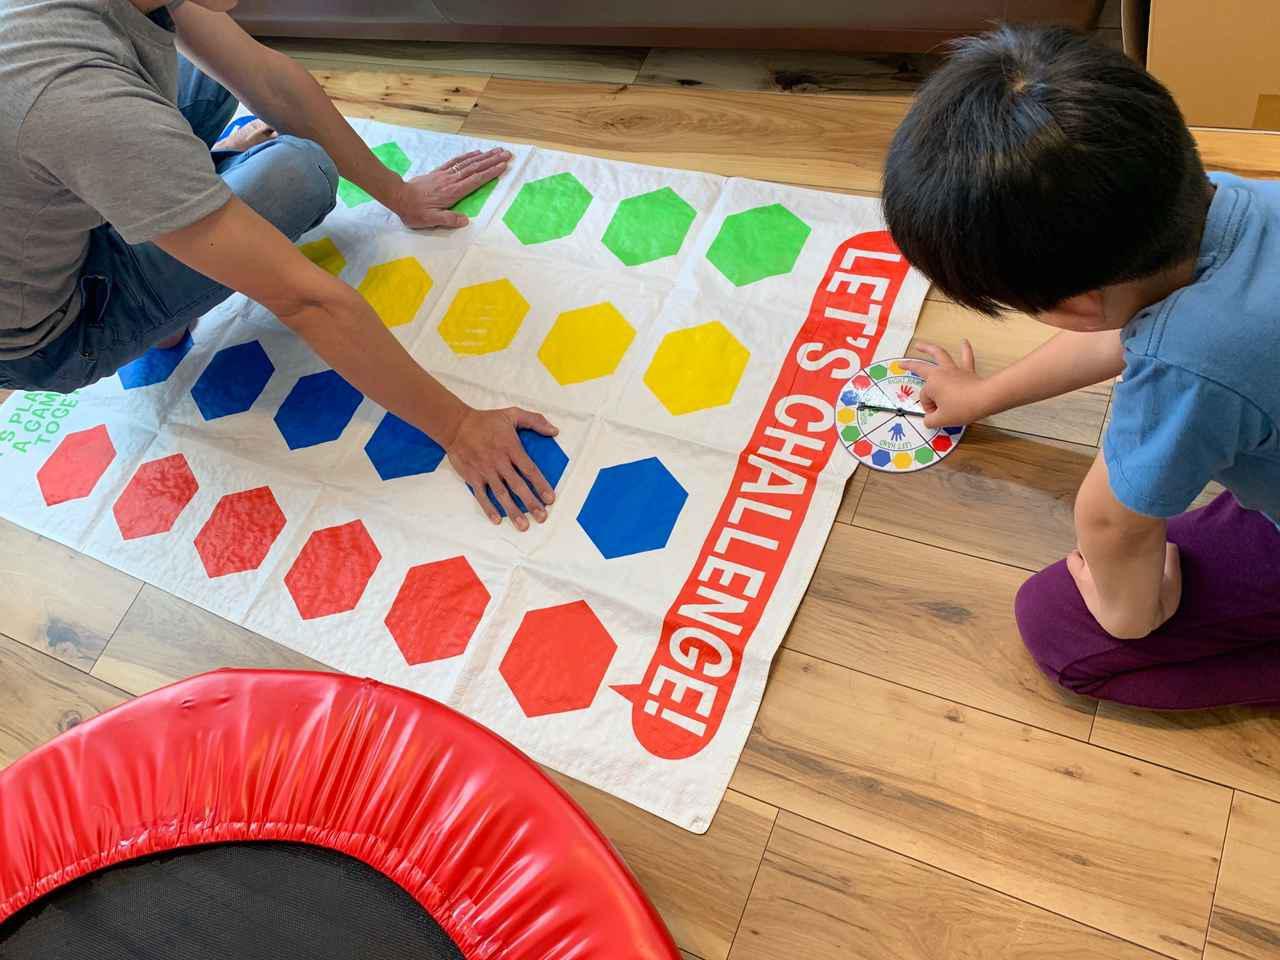 画像: テント時間・おうち時間を楽しもう! 子供も大人も夢中になる室内遊び・ゲーム7選 - ハピキャン(HAPPY CAMPER)